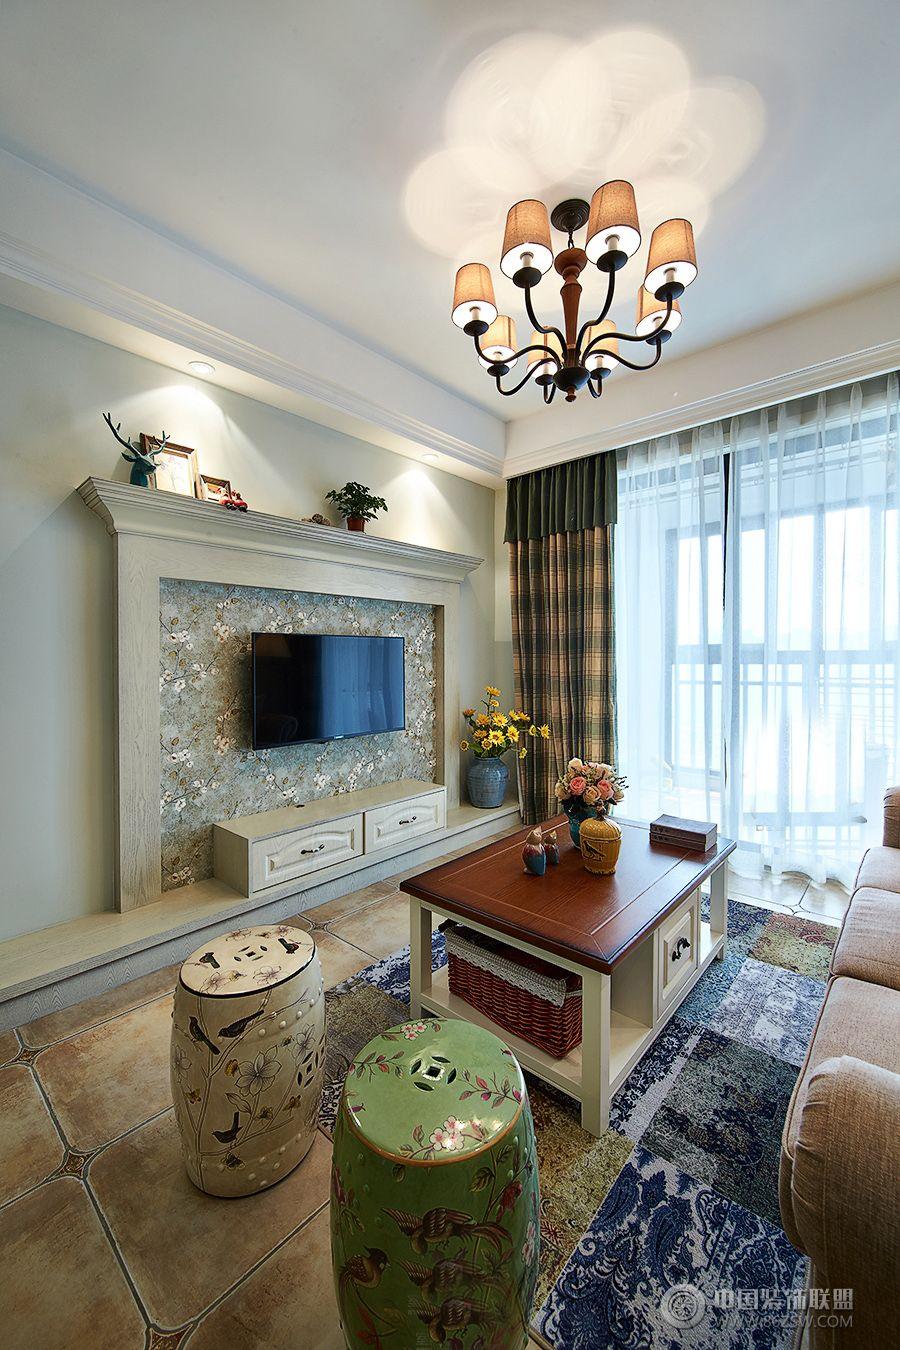 乡村美式-客厅装修效果图-八六(中国)装饰联盟装修